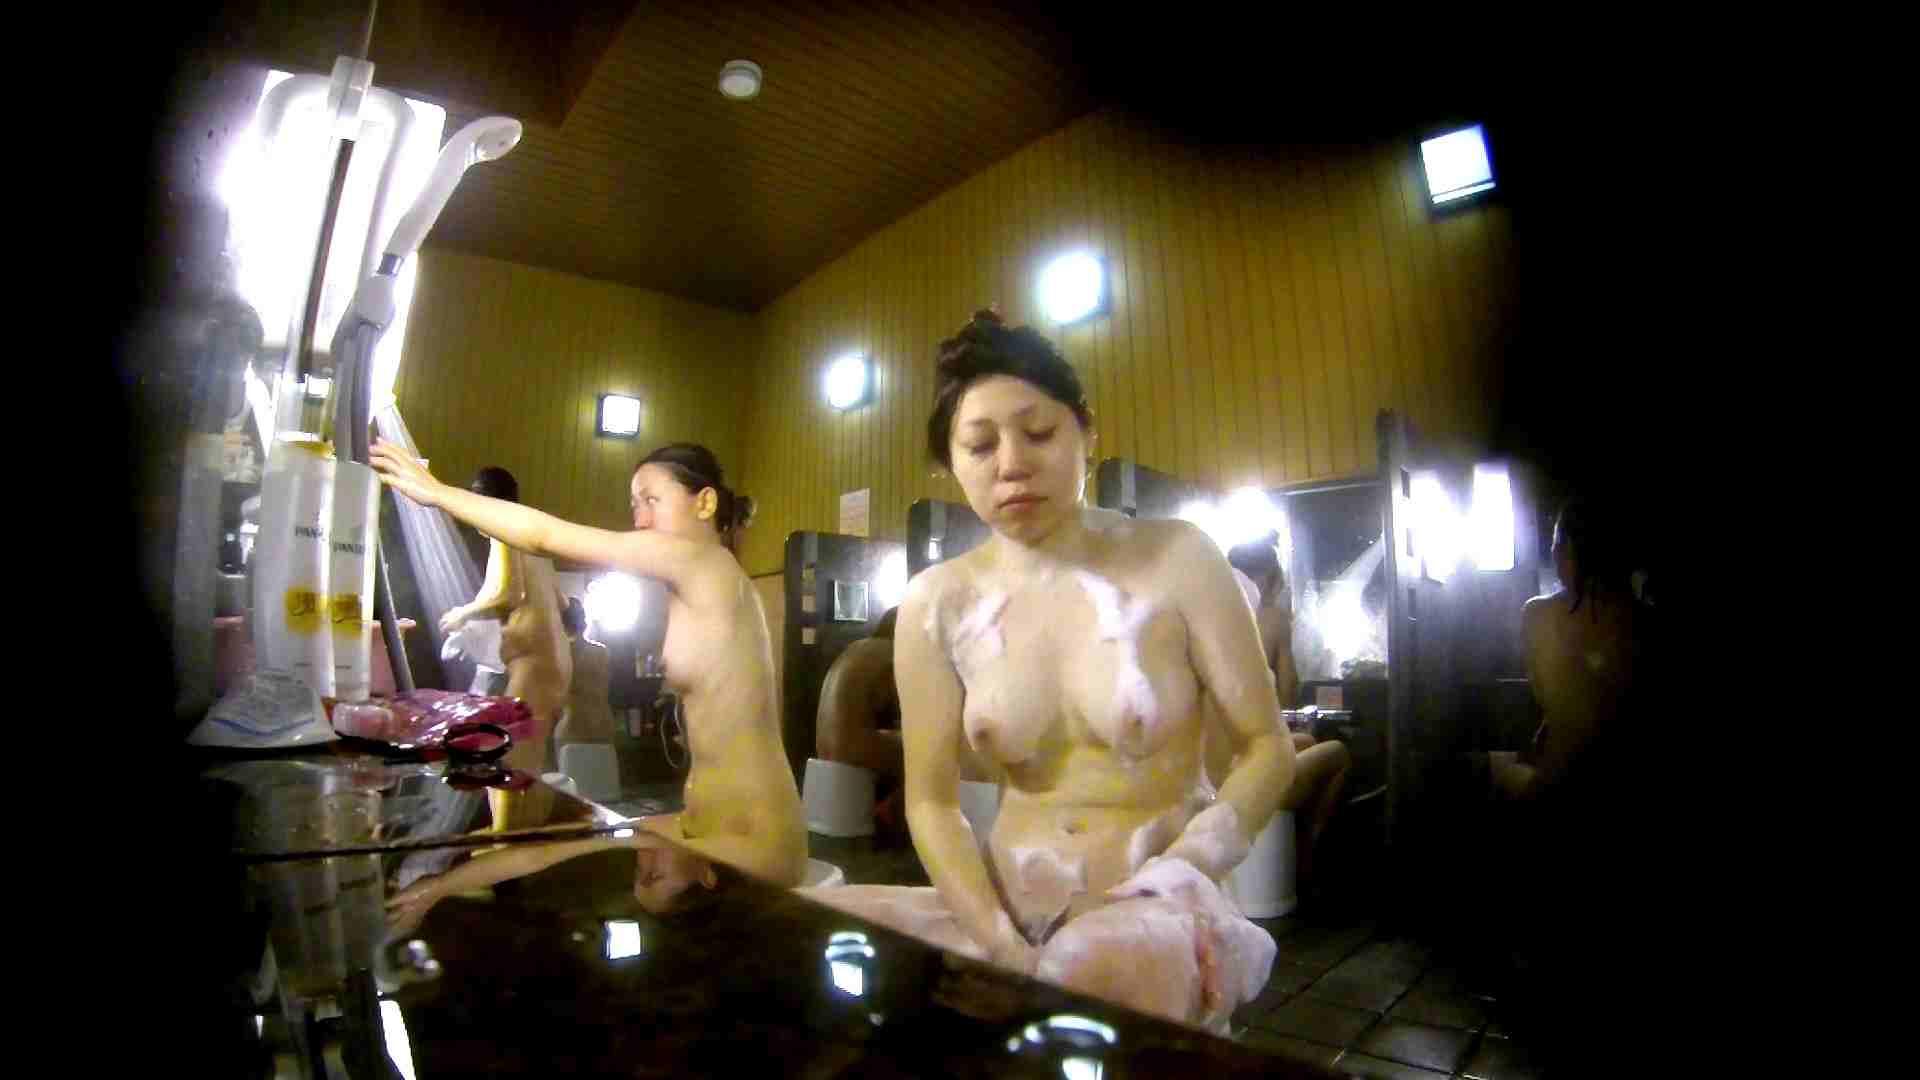 洗い場!柔らかそうな身体は良いけど、歯磨きが下品です。 垂れ乳 おめこ無修正画像 107画像 83